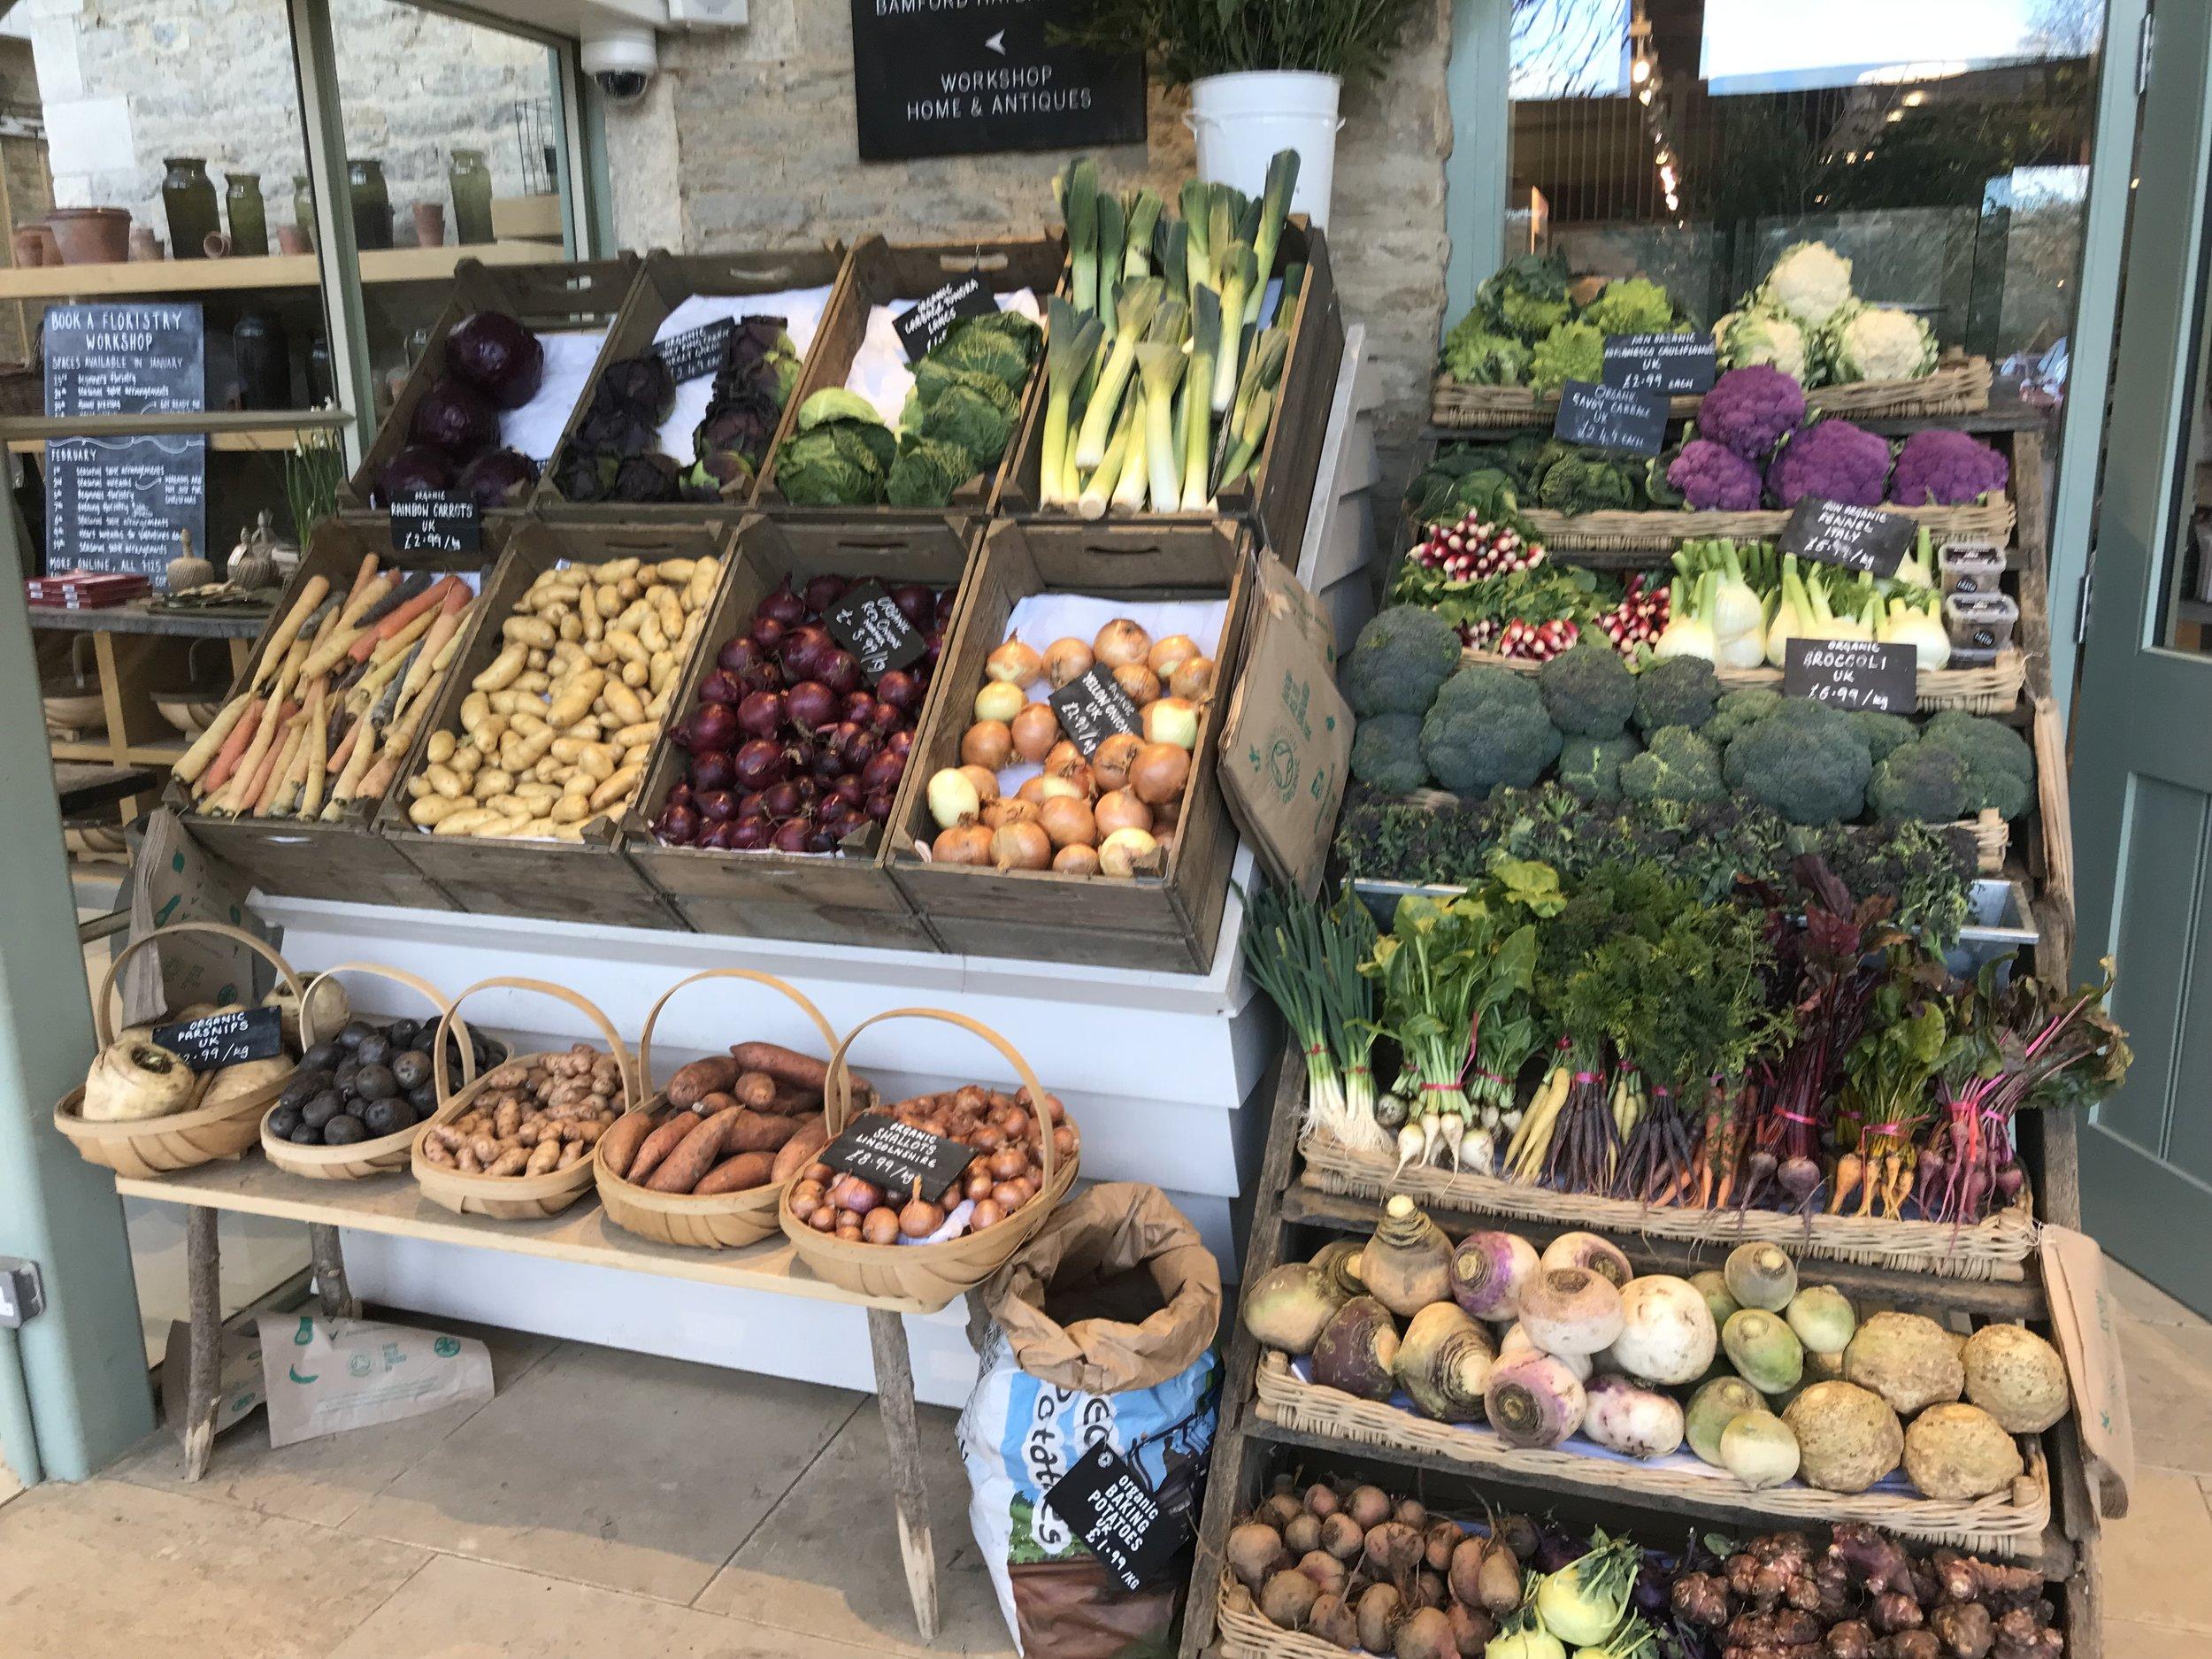 Fresh veg? Don't mind if I do.